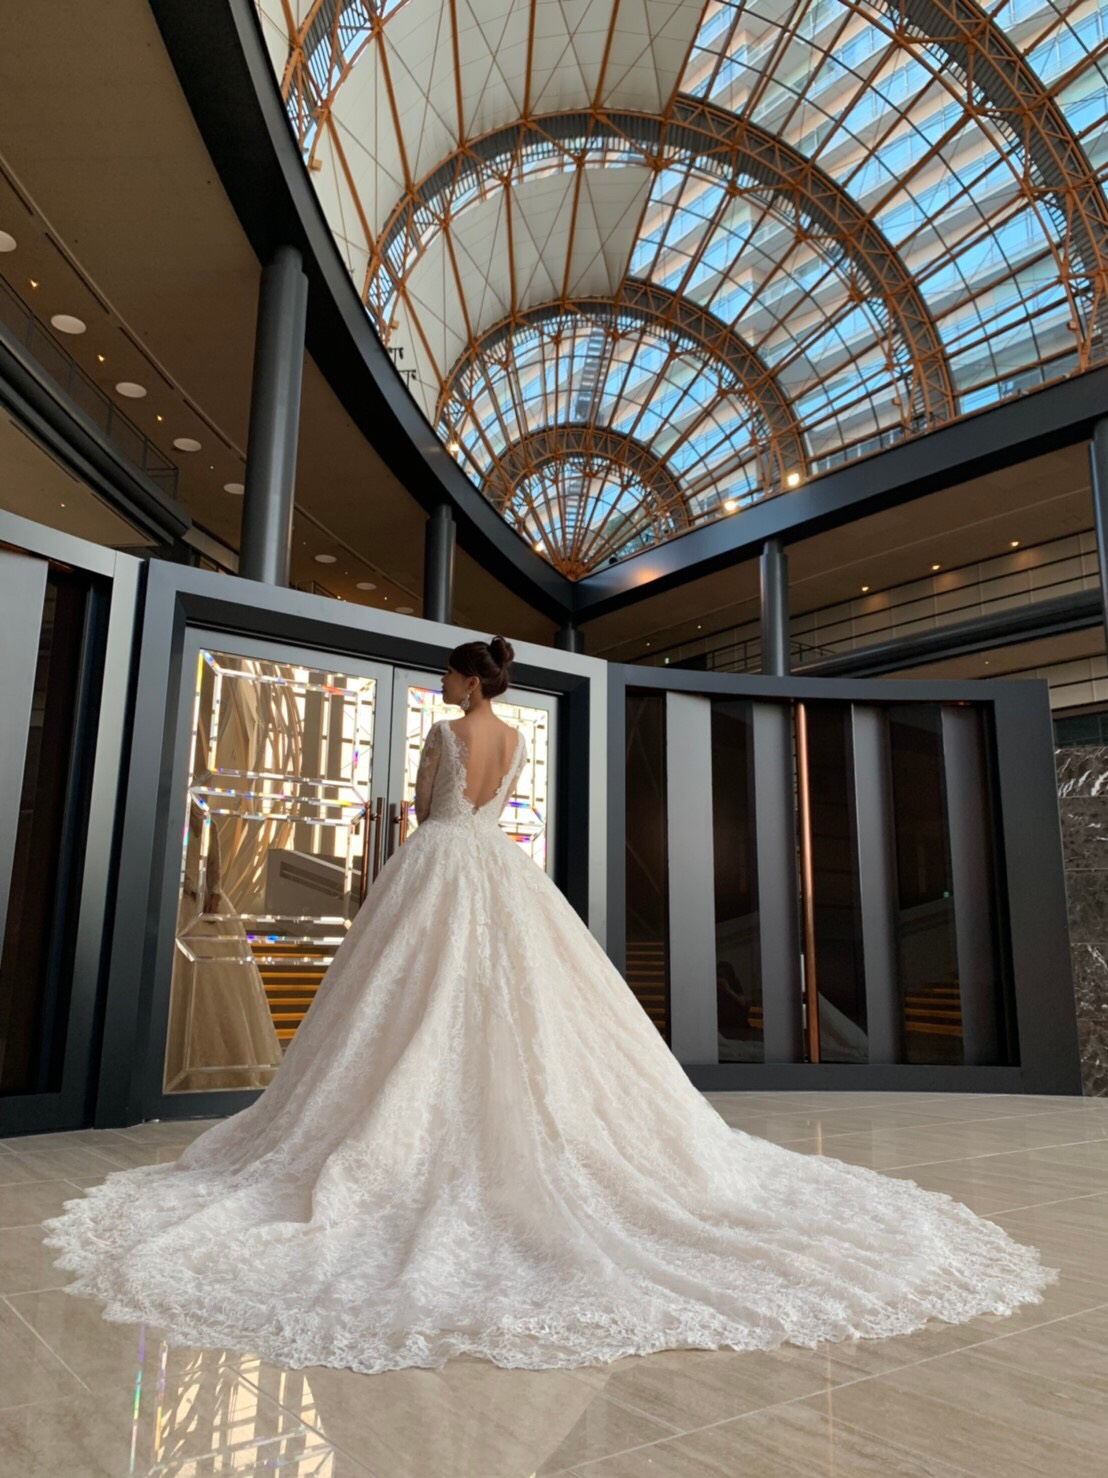 総レースが贅沢なINES DI SANTO(イネスディサント)のドレスでドラマティックなホテルウエディングを